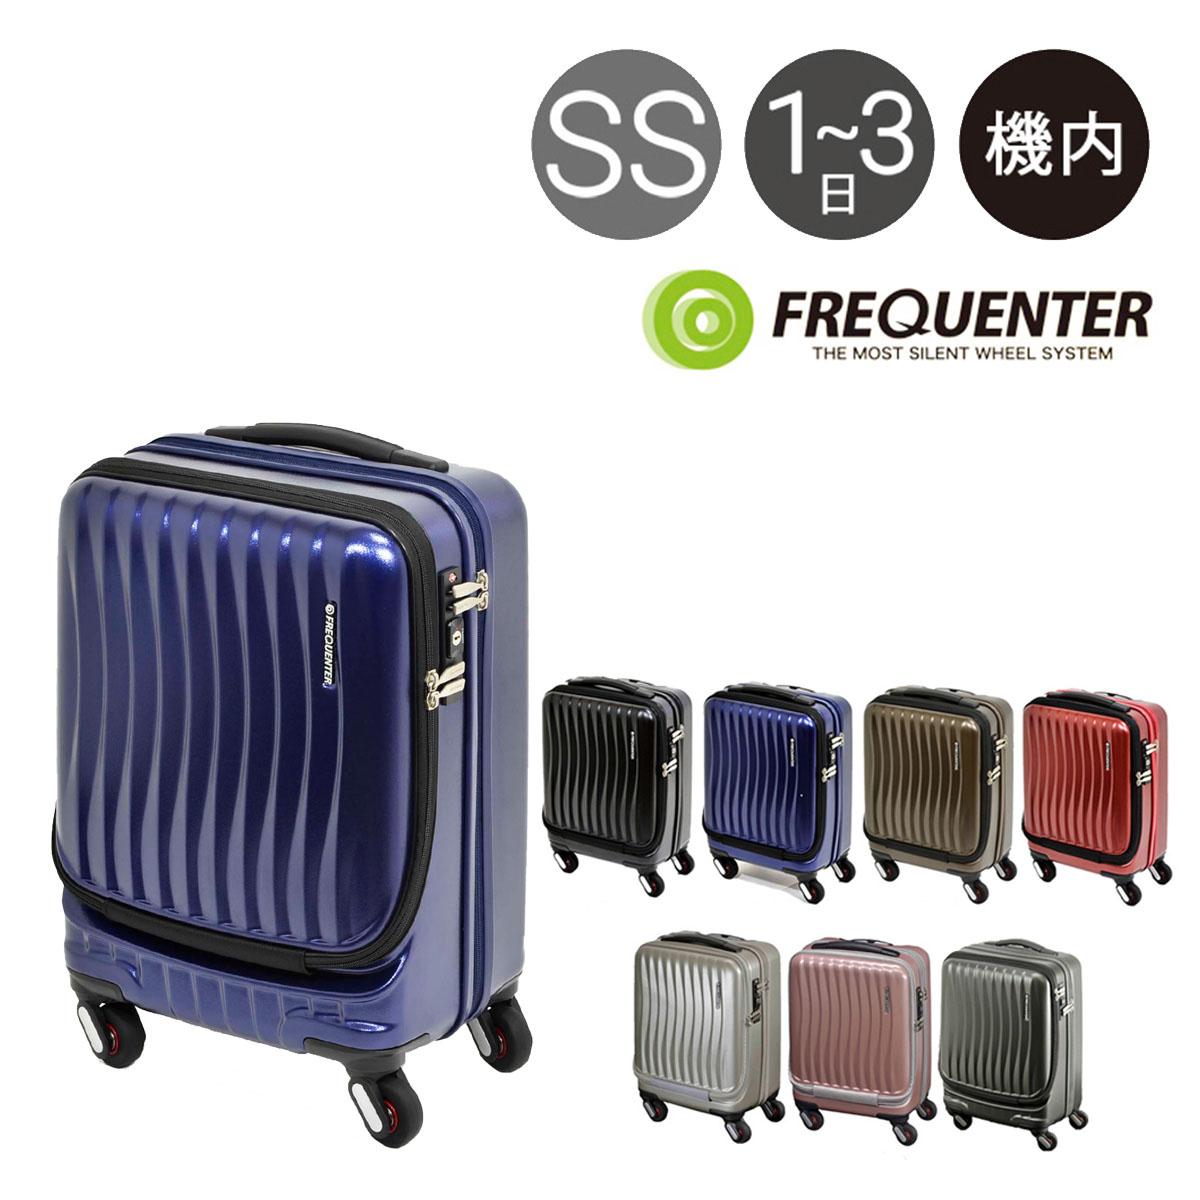 フリクエンター スーツケース クラムアドバンス|機内持ち込み 34L 46cm 3.6kg 1-216|軽量 フロントオープン ハード ファスナー 静音 ストッパー付き TSAロック搭載 [PO10][bef]